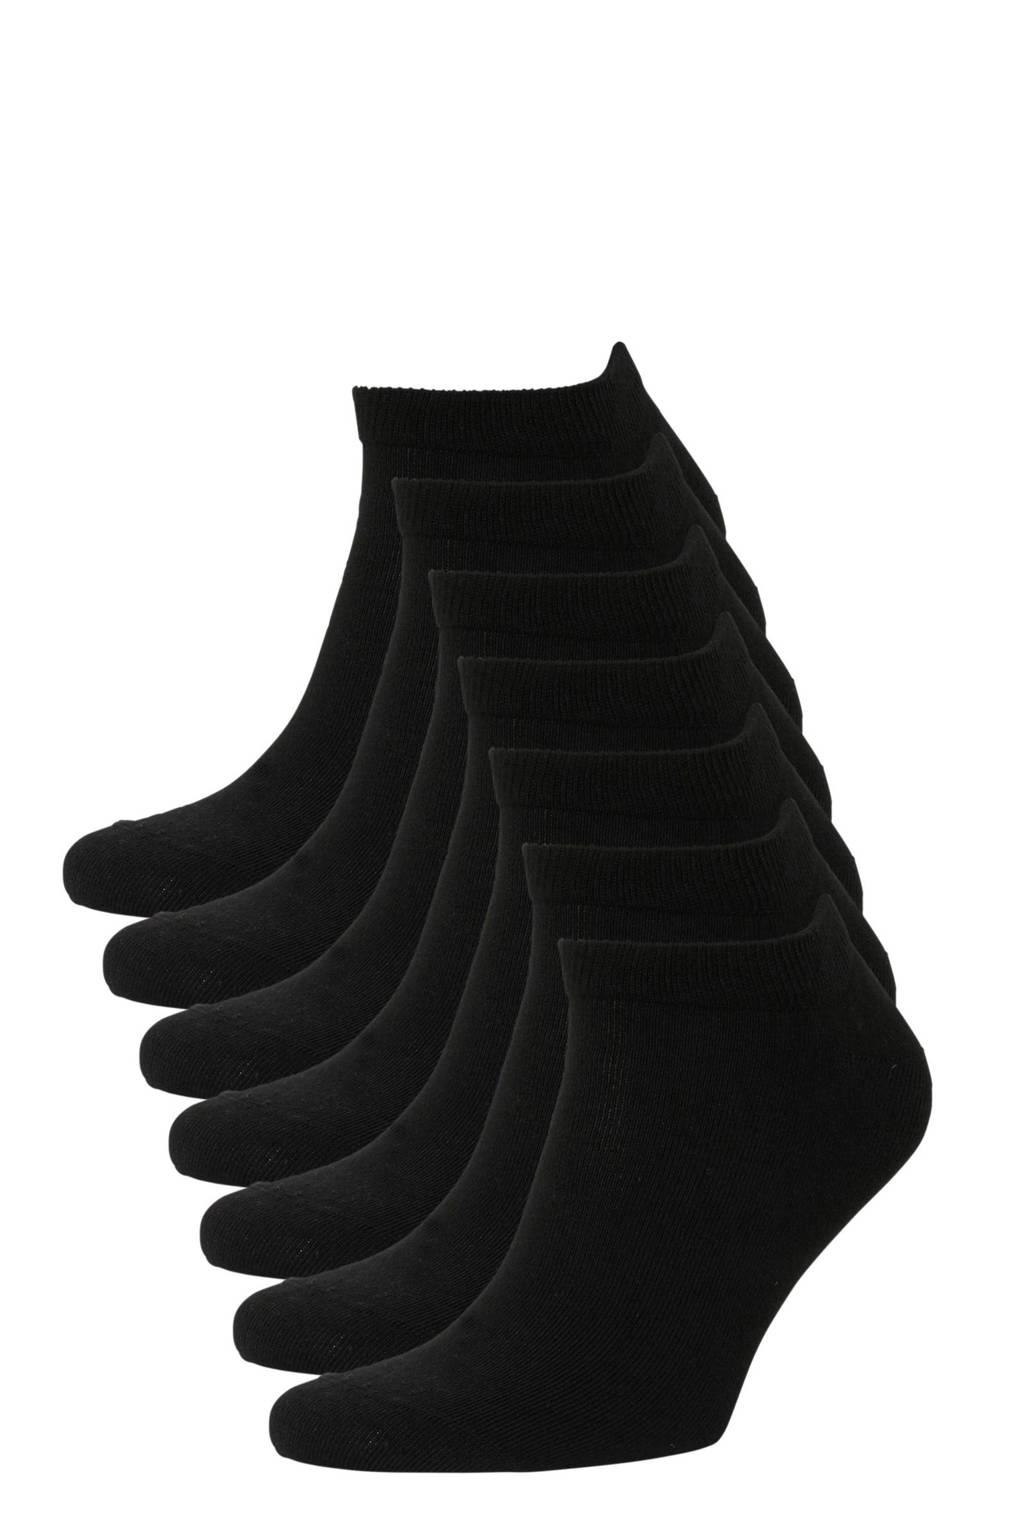 whkmp's own sneakersokken - set van 7 zwart, Black